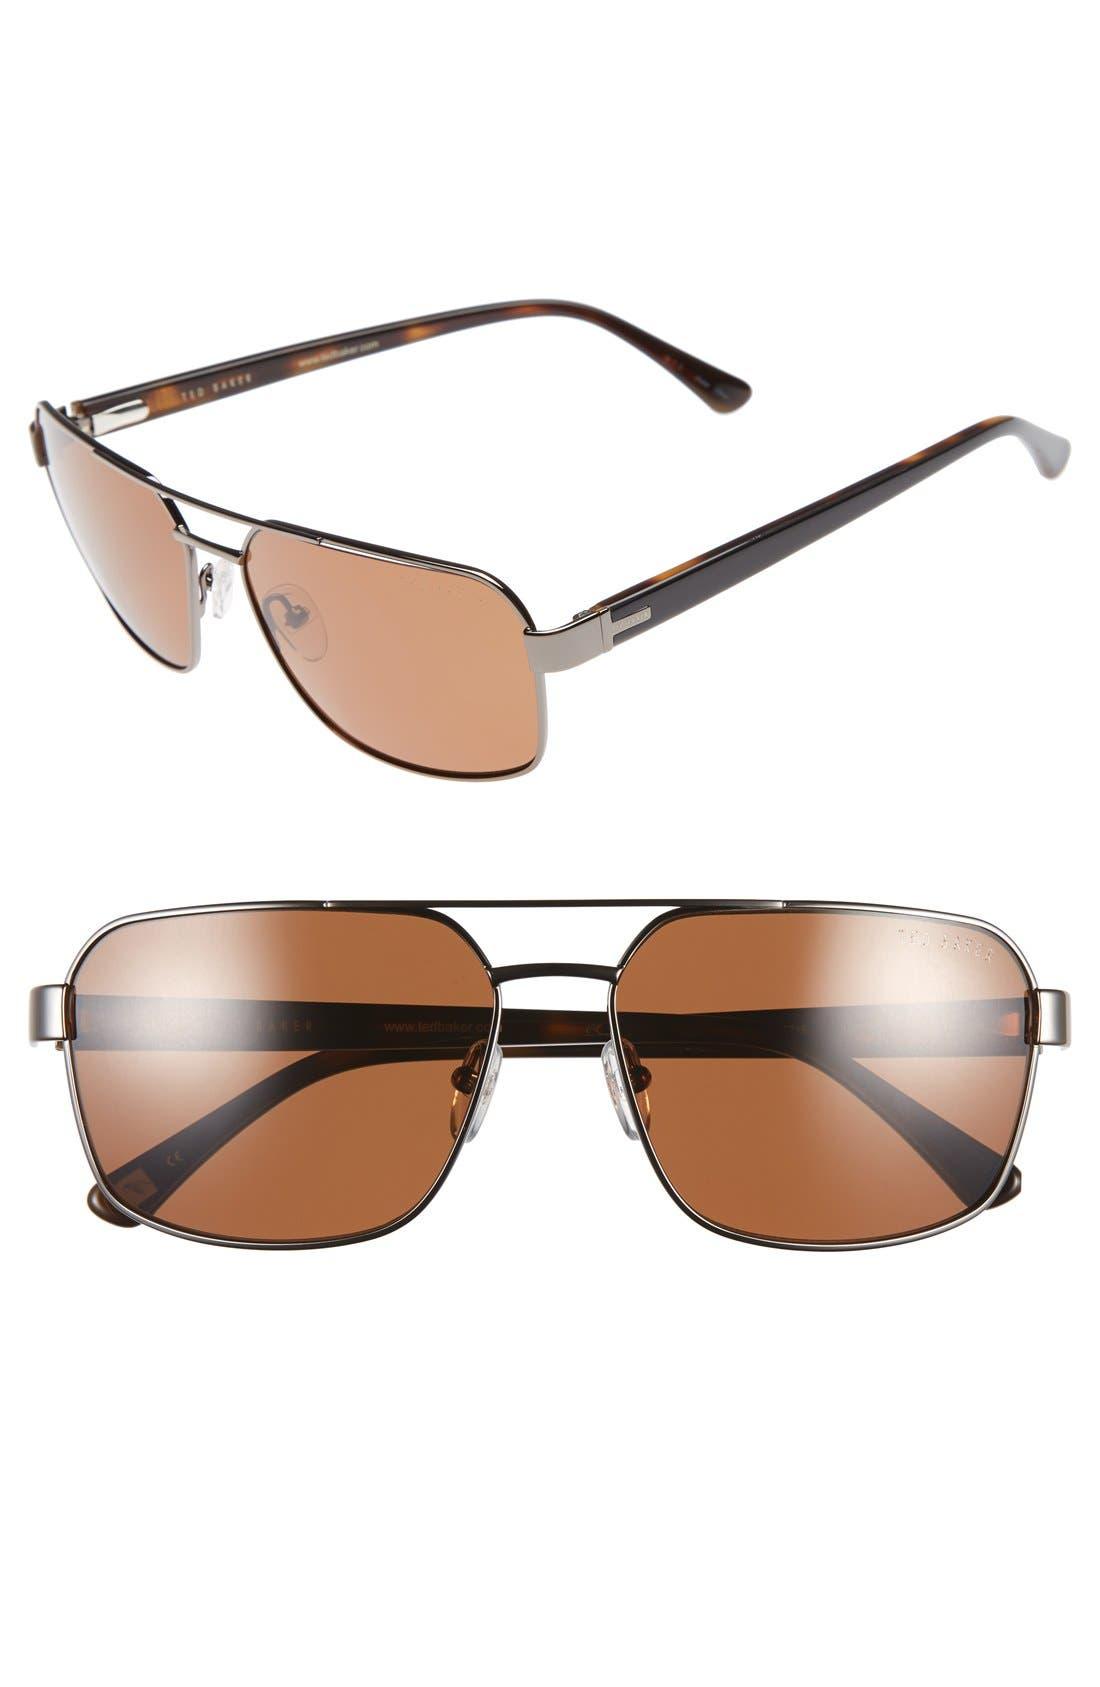 Ted Baker London 59mm Polarized Navigator Sunglasses